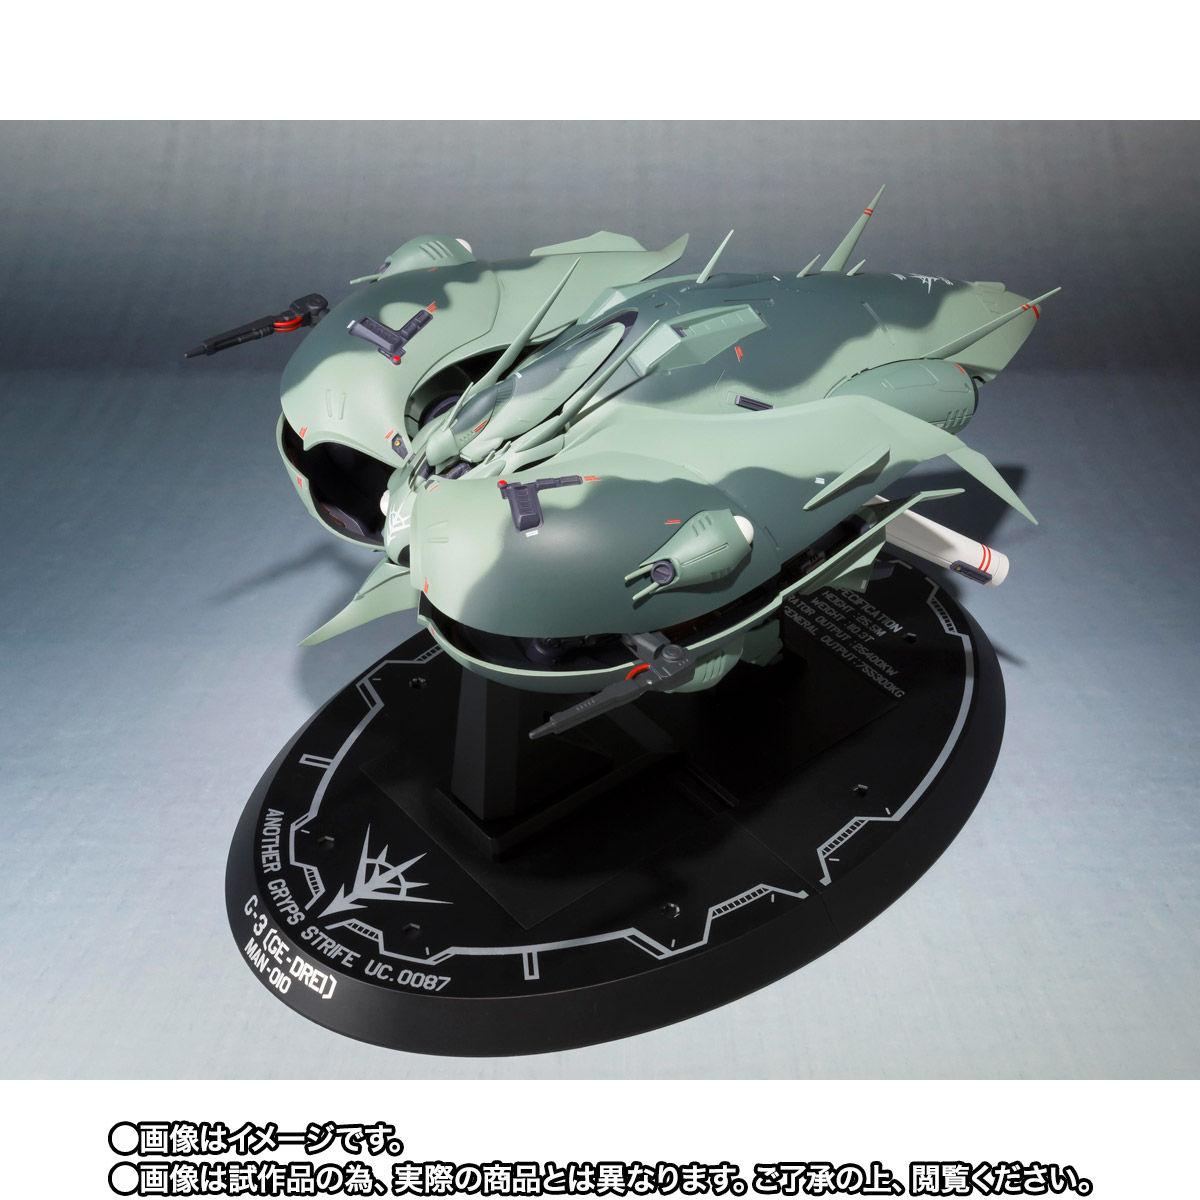 【限定販売】ROBOT魂〈SIDE MS〉『ゲー・ドライ(重塗装仕様)』Zガンダム 可動フィギュア-007